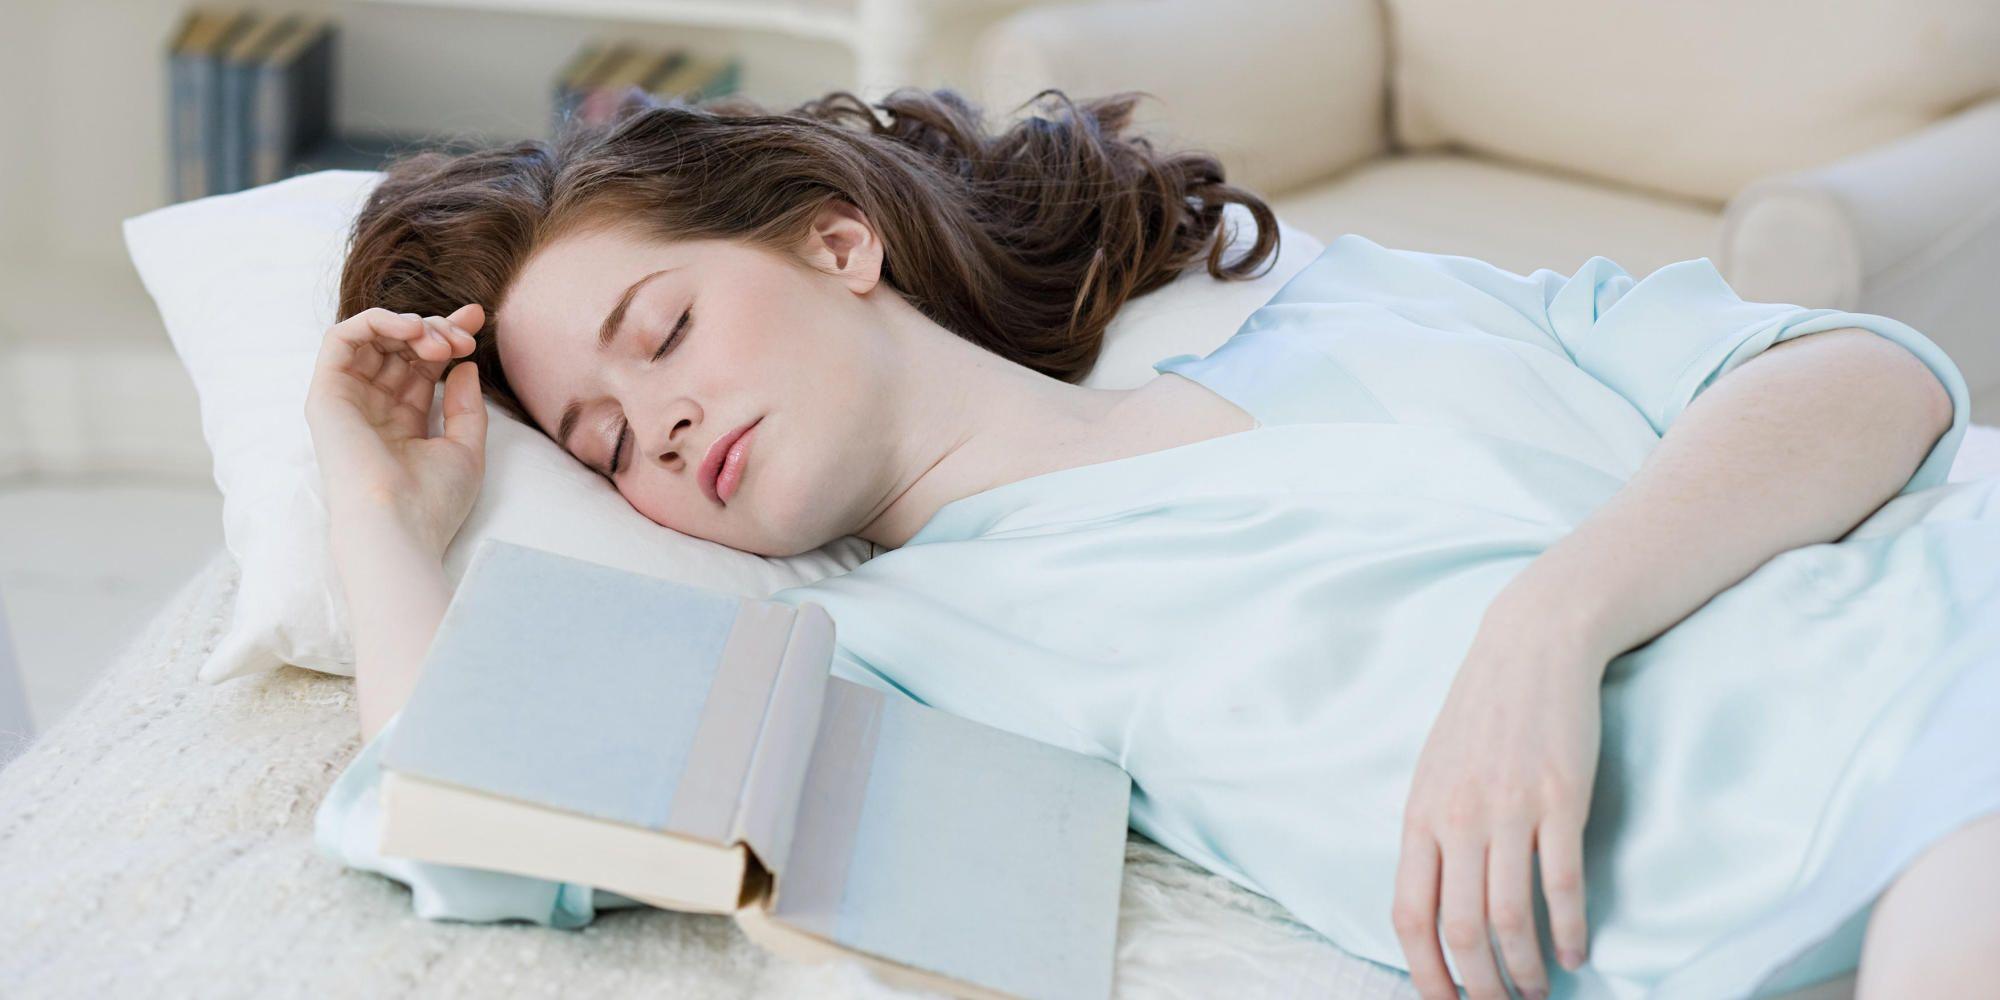 Chi dorme è più in forma!